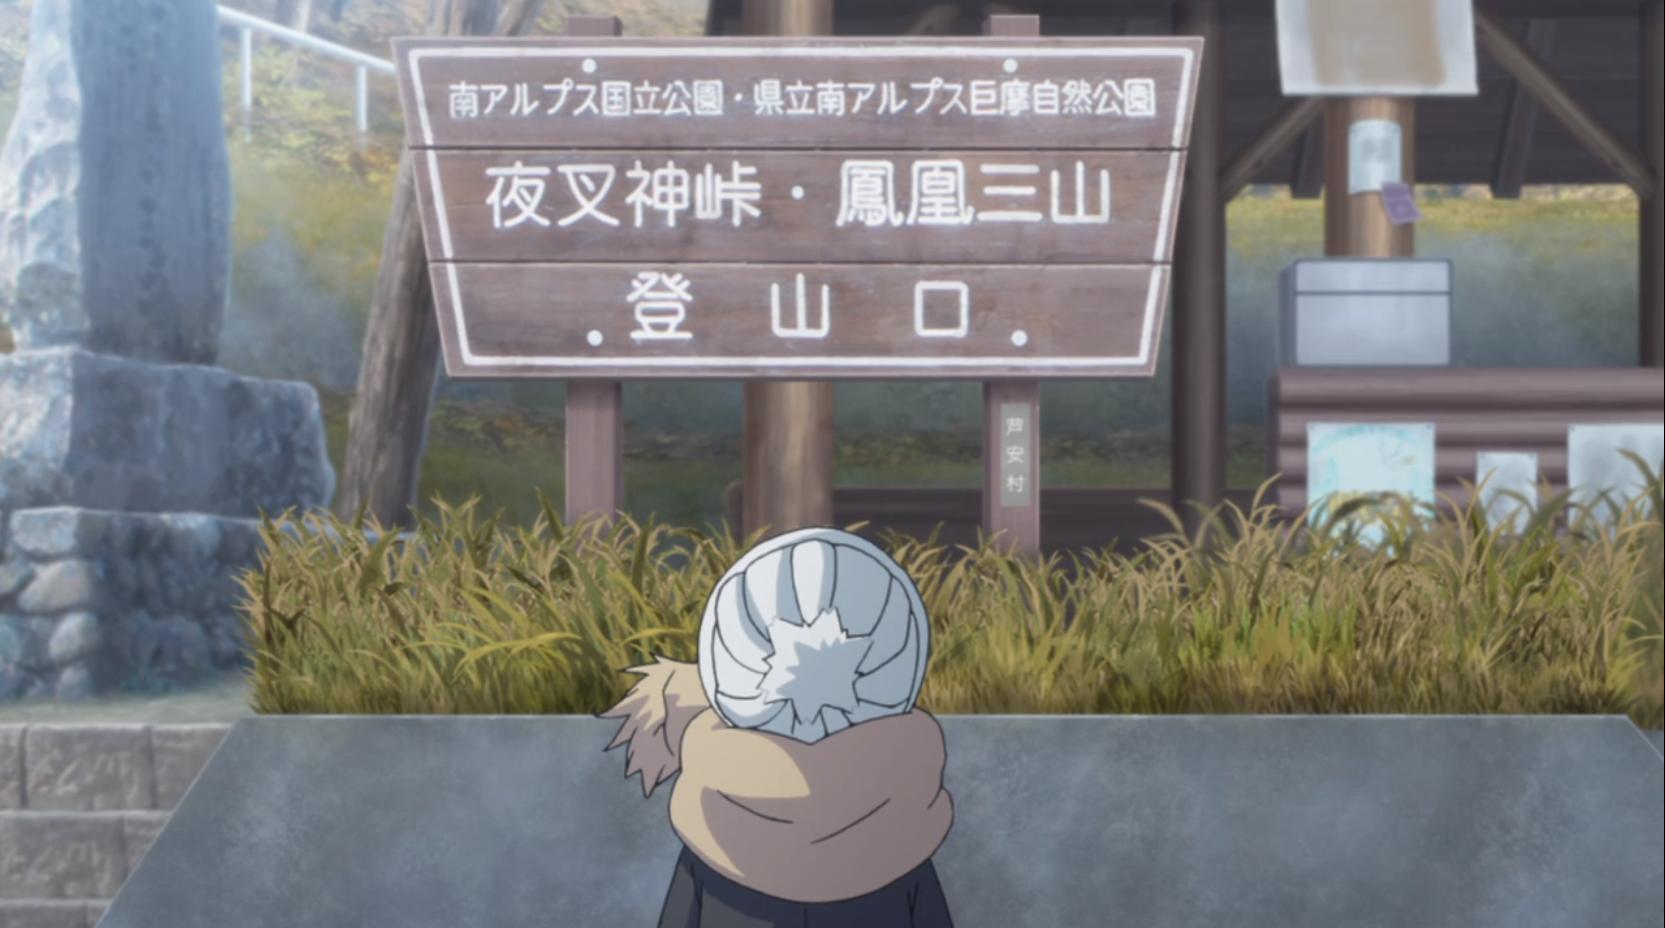 アニメ『ゆるキャン△』9話の夜叉神峠と鳳凰三山